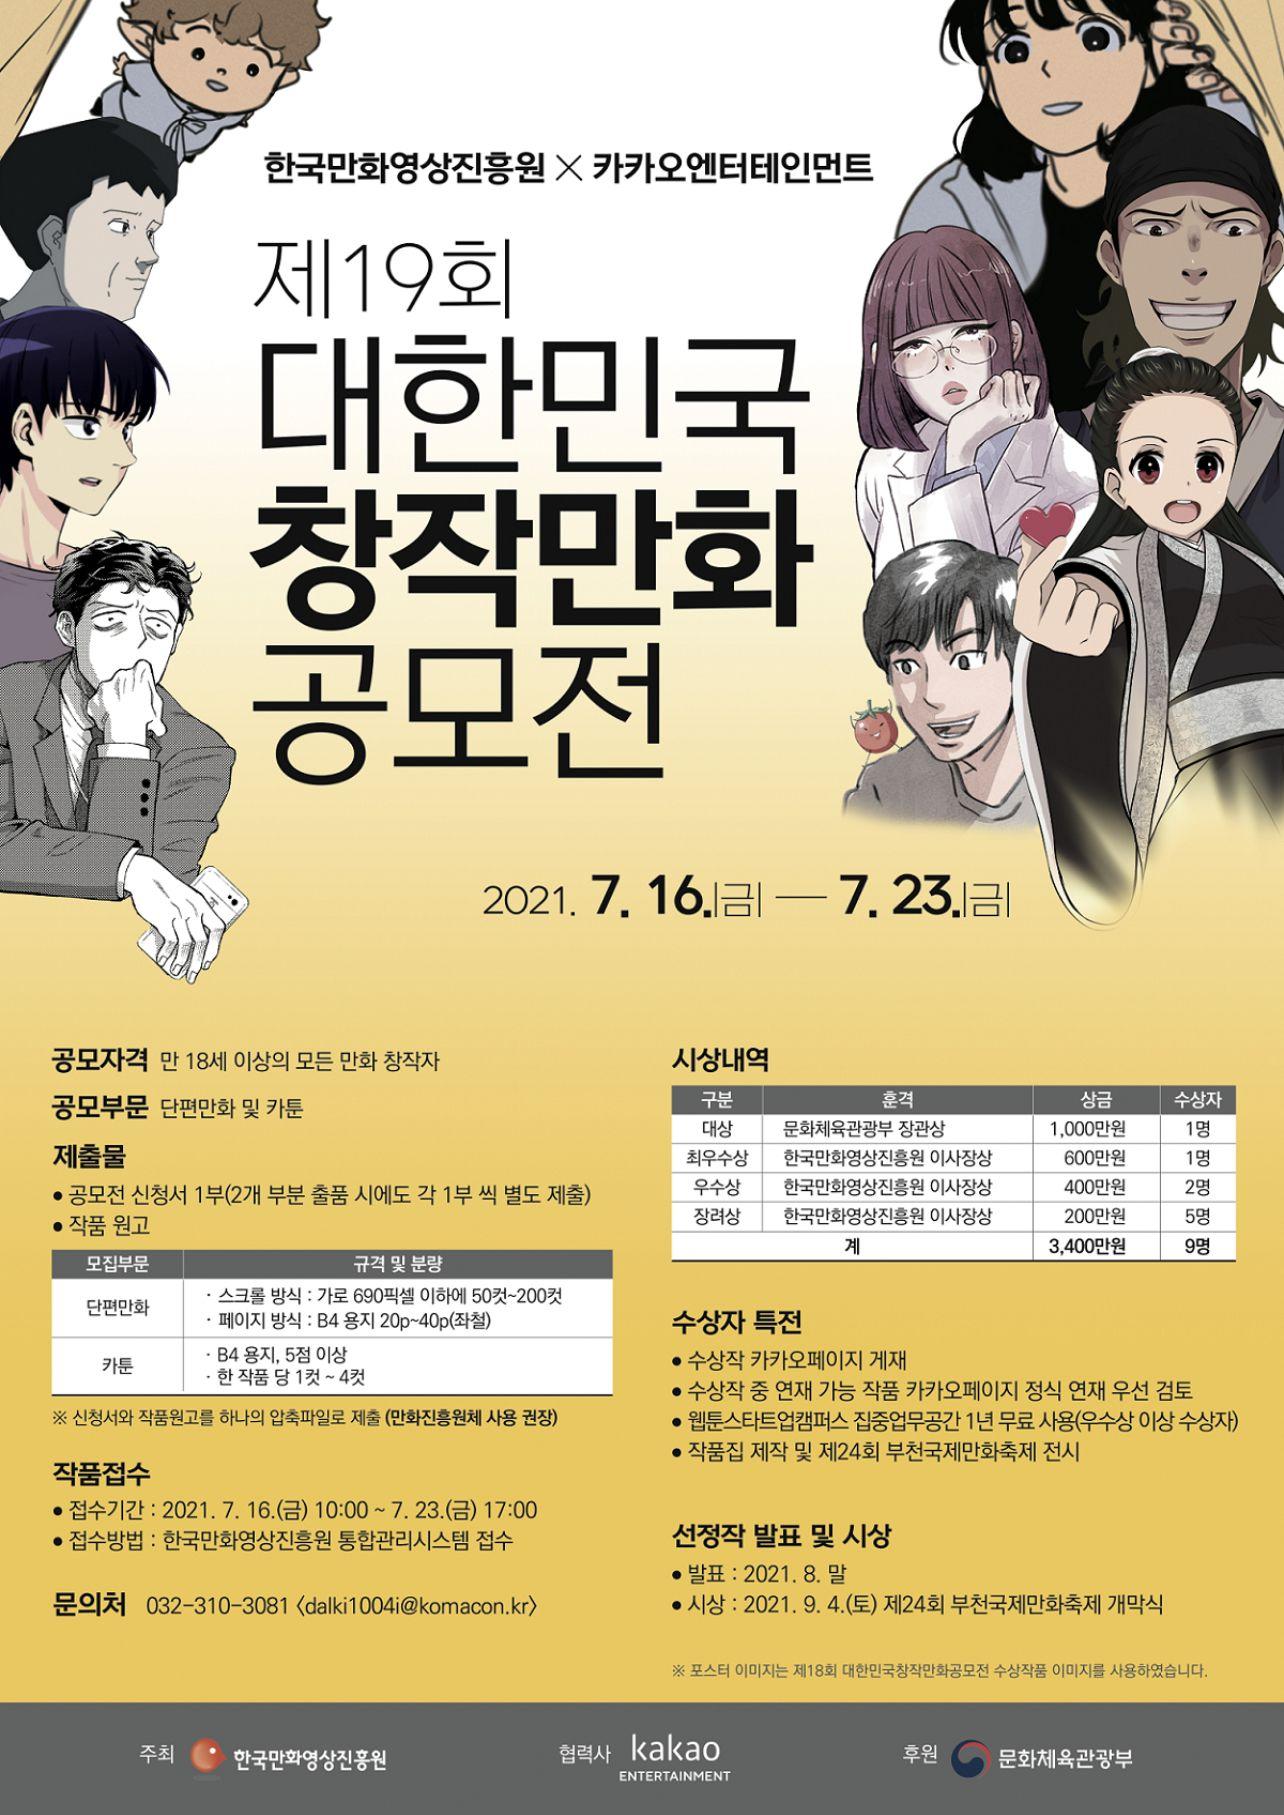 한국만화영상진흥원 제19회 대한민국 창작만화 공모전